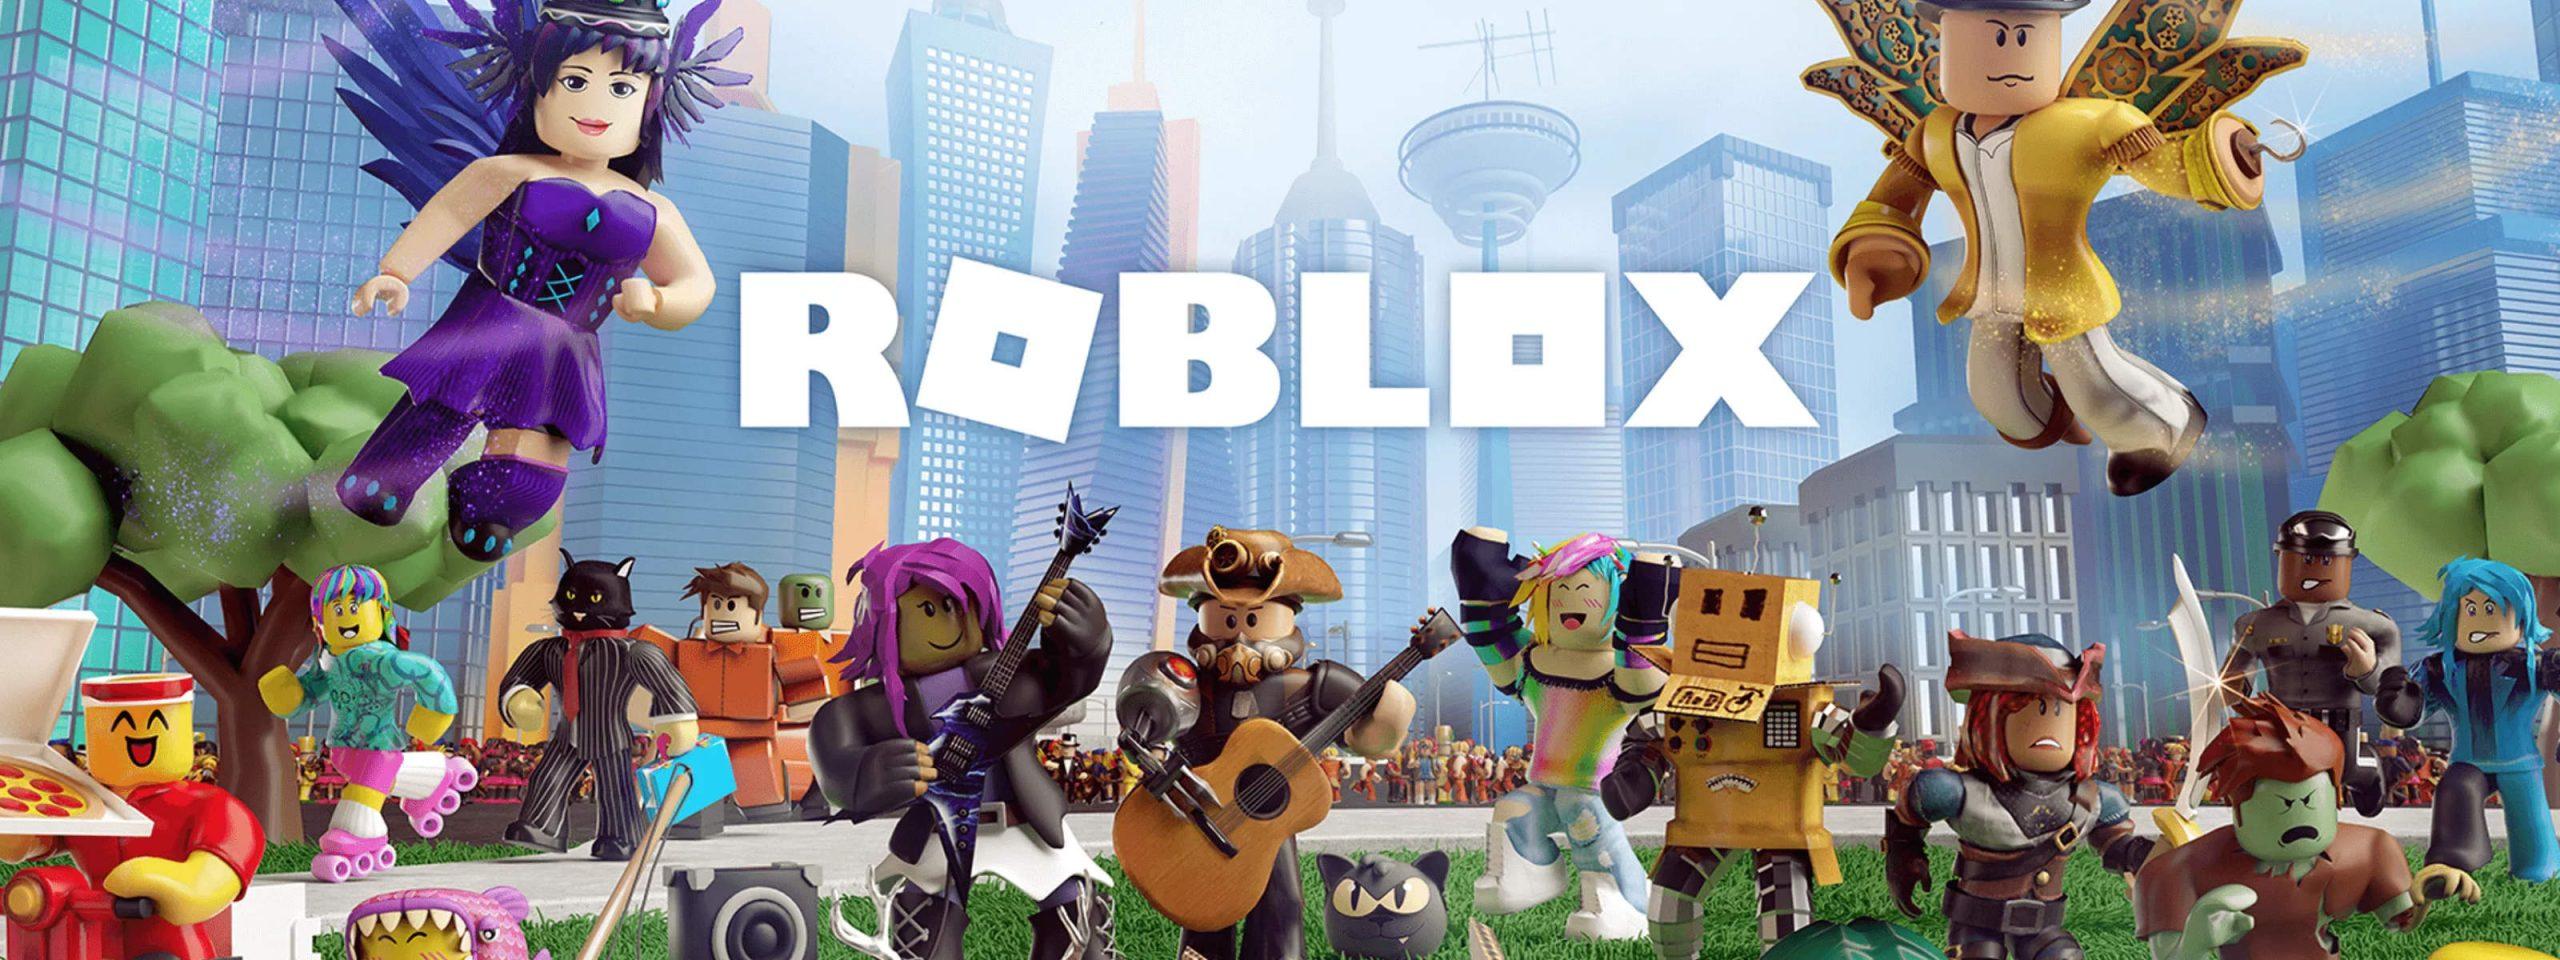 Roblox Débarque En France Attention ! - Comprendre à Jeux Gratuits Pour Enfants De 7 Ans